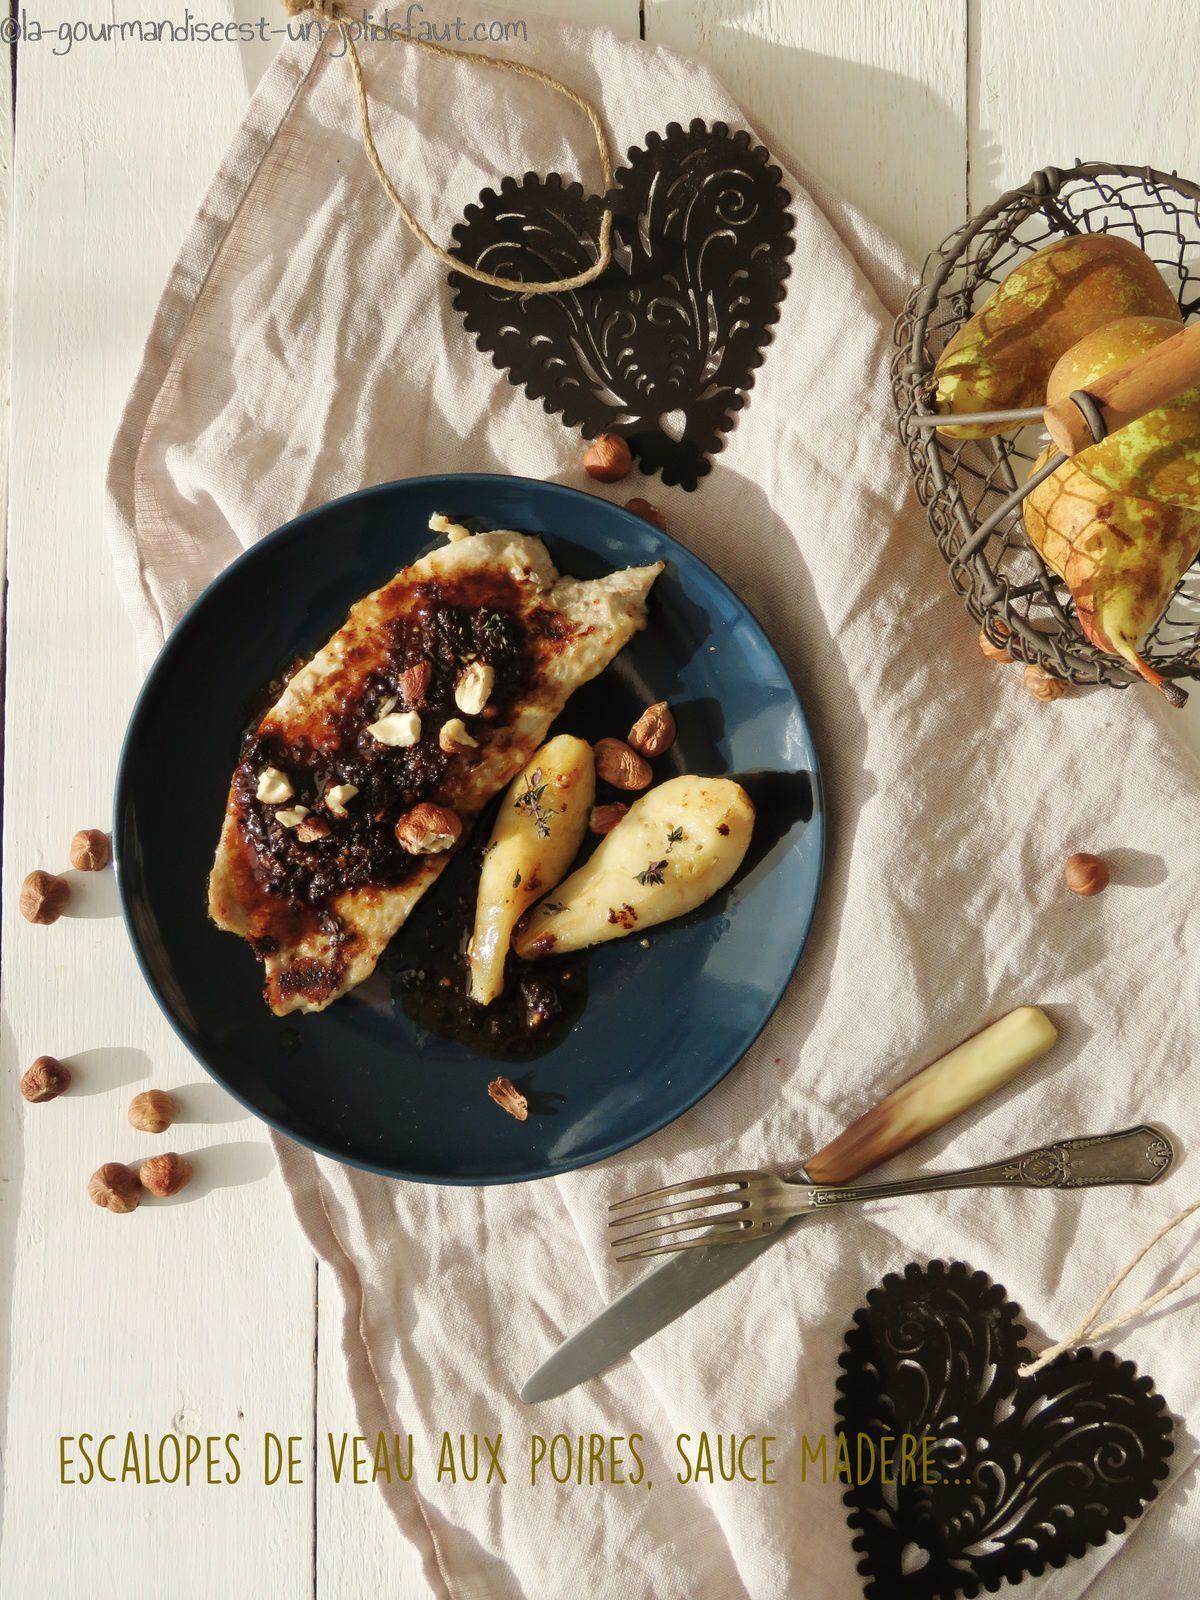 Escalopes de veau aux poires et au madère